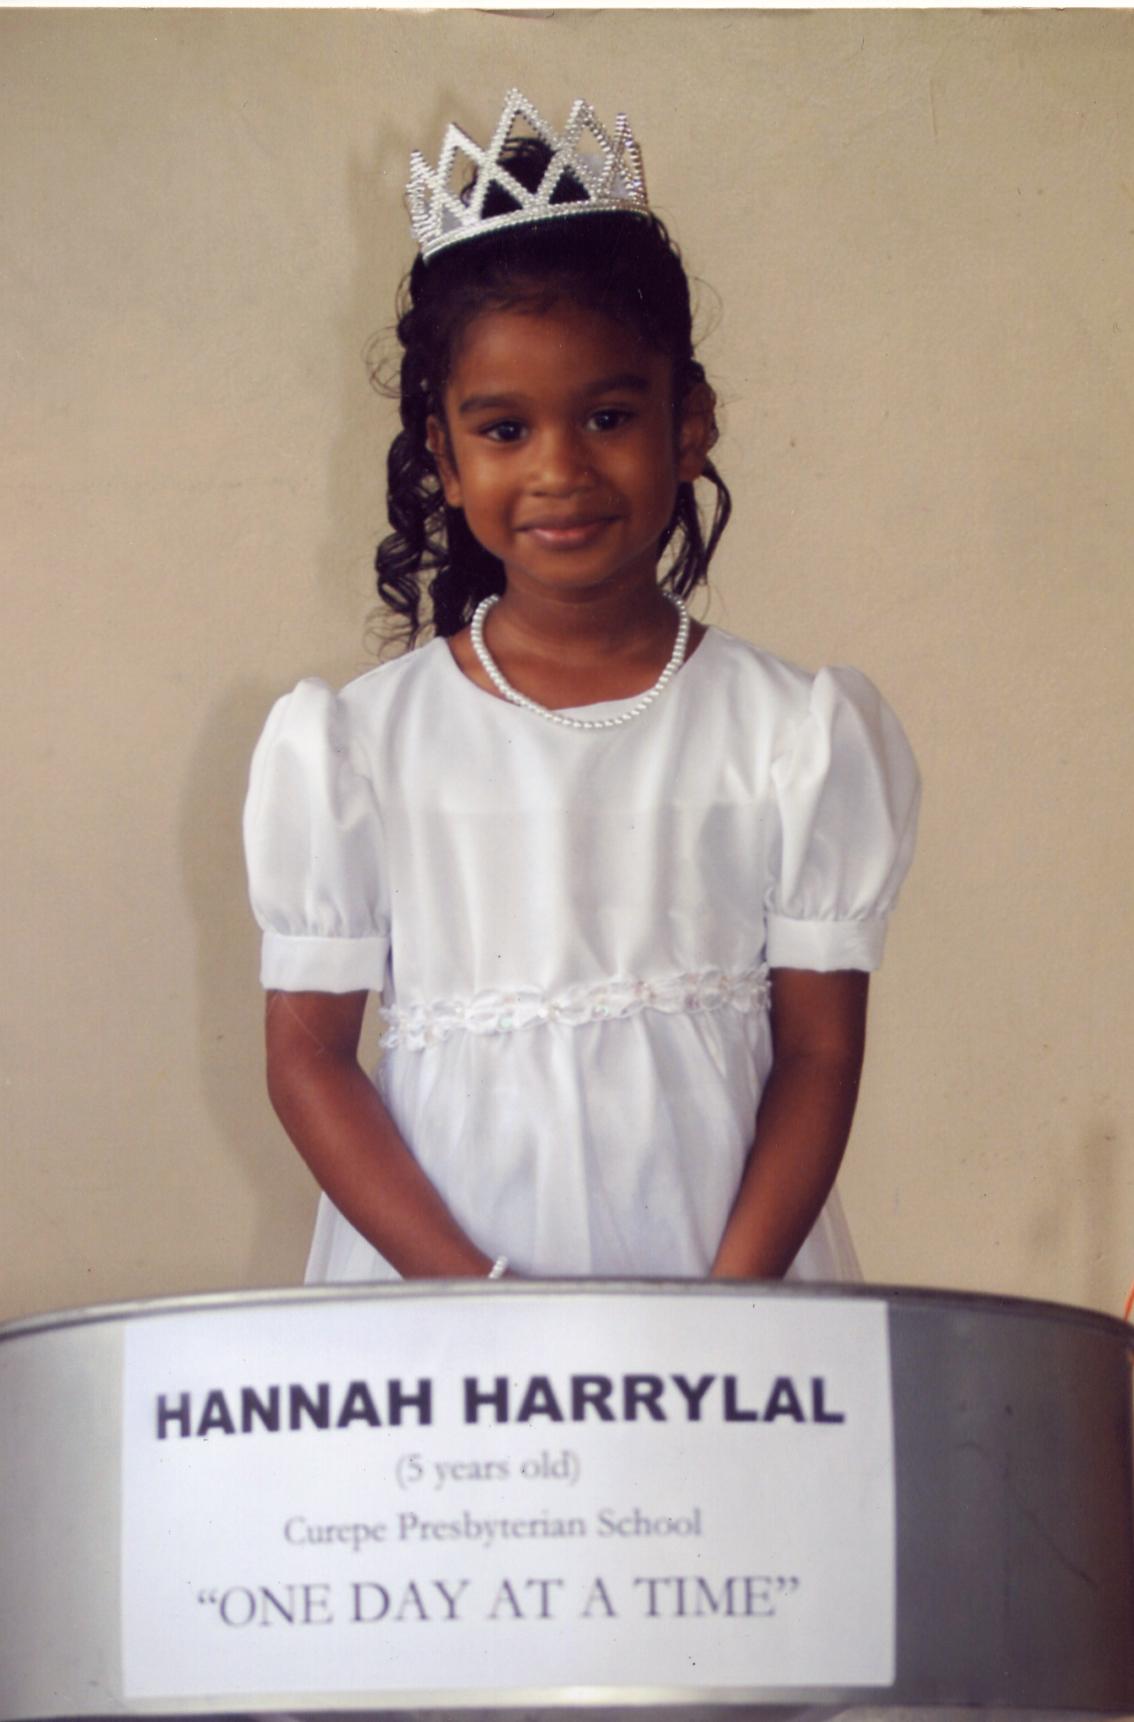 Hannah Harrylal